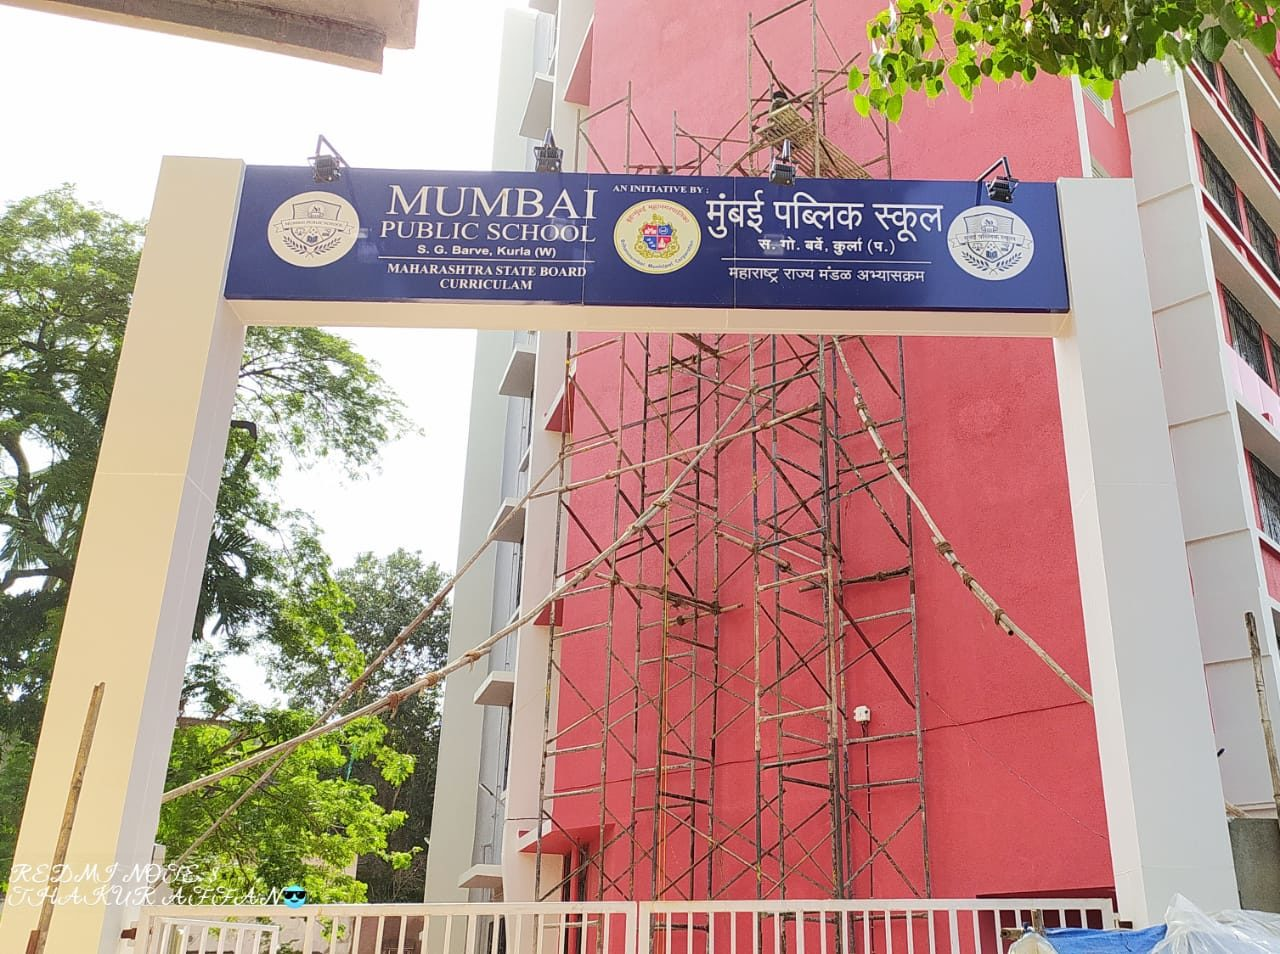 महापालिकांच्या १८२८ शाळा होणार 'मुंबई पब्लिक स्कूल'  <br>एकच रंगसंगती, आधूनिक साधने, आणि खाजगी शाळांशी स्पर्धा